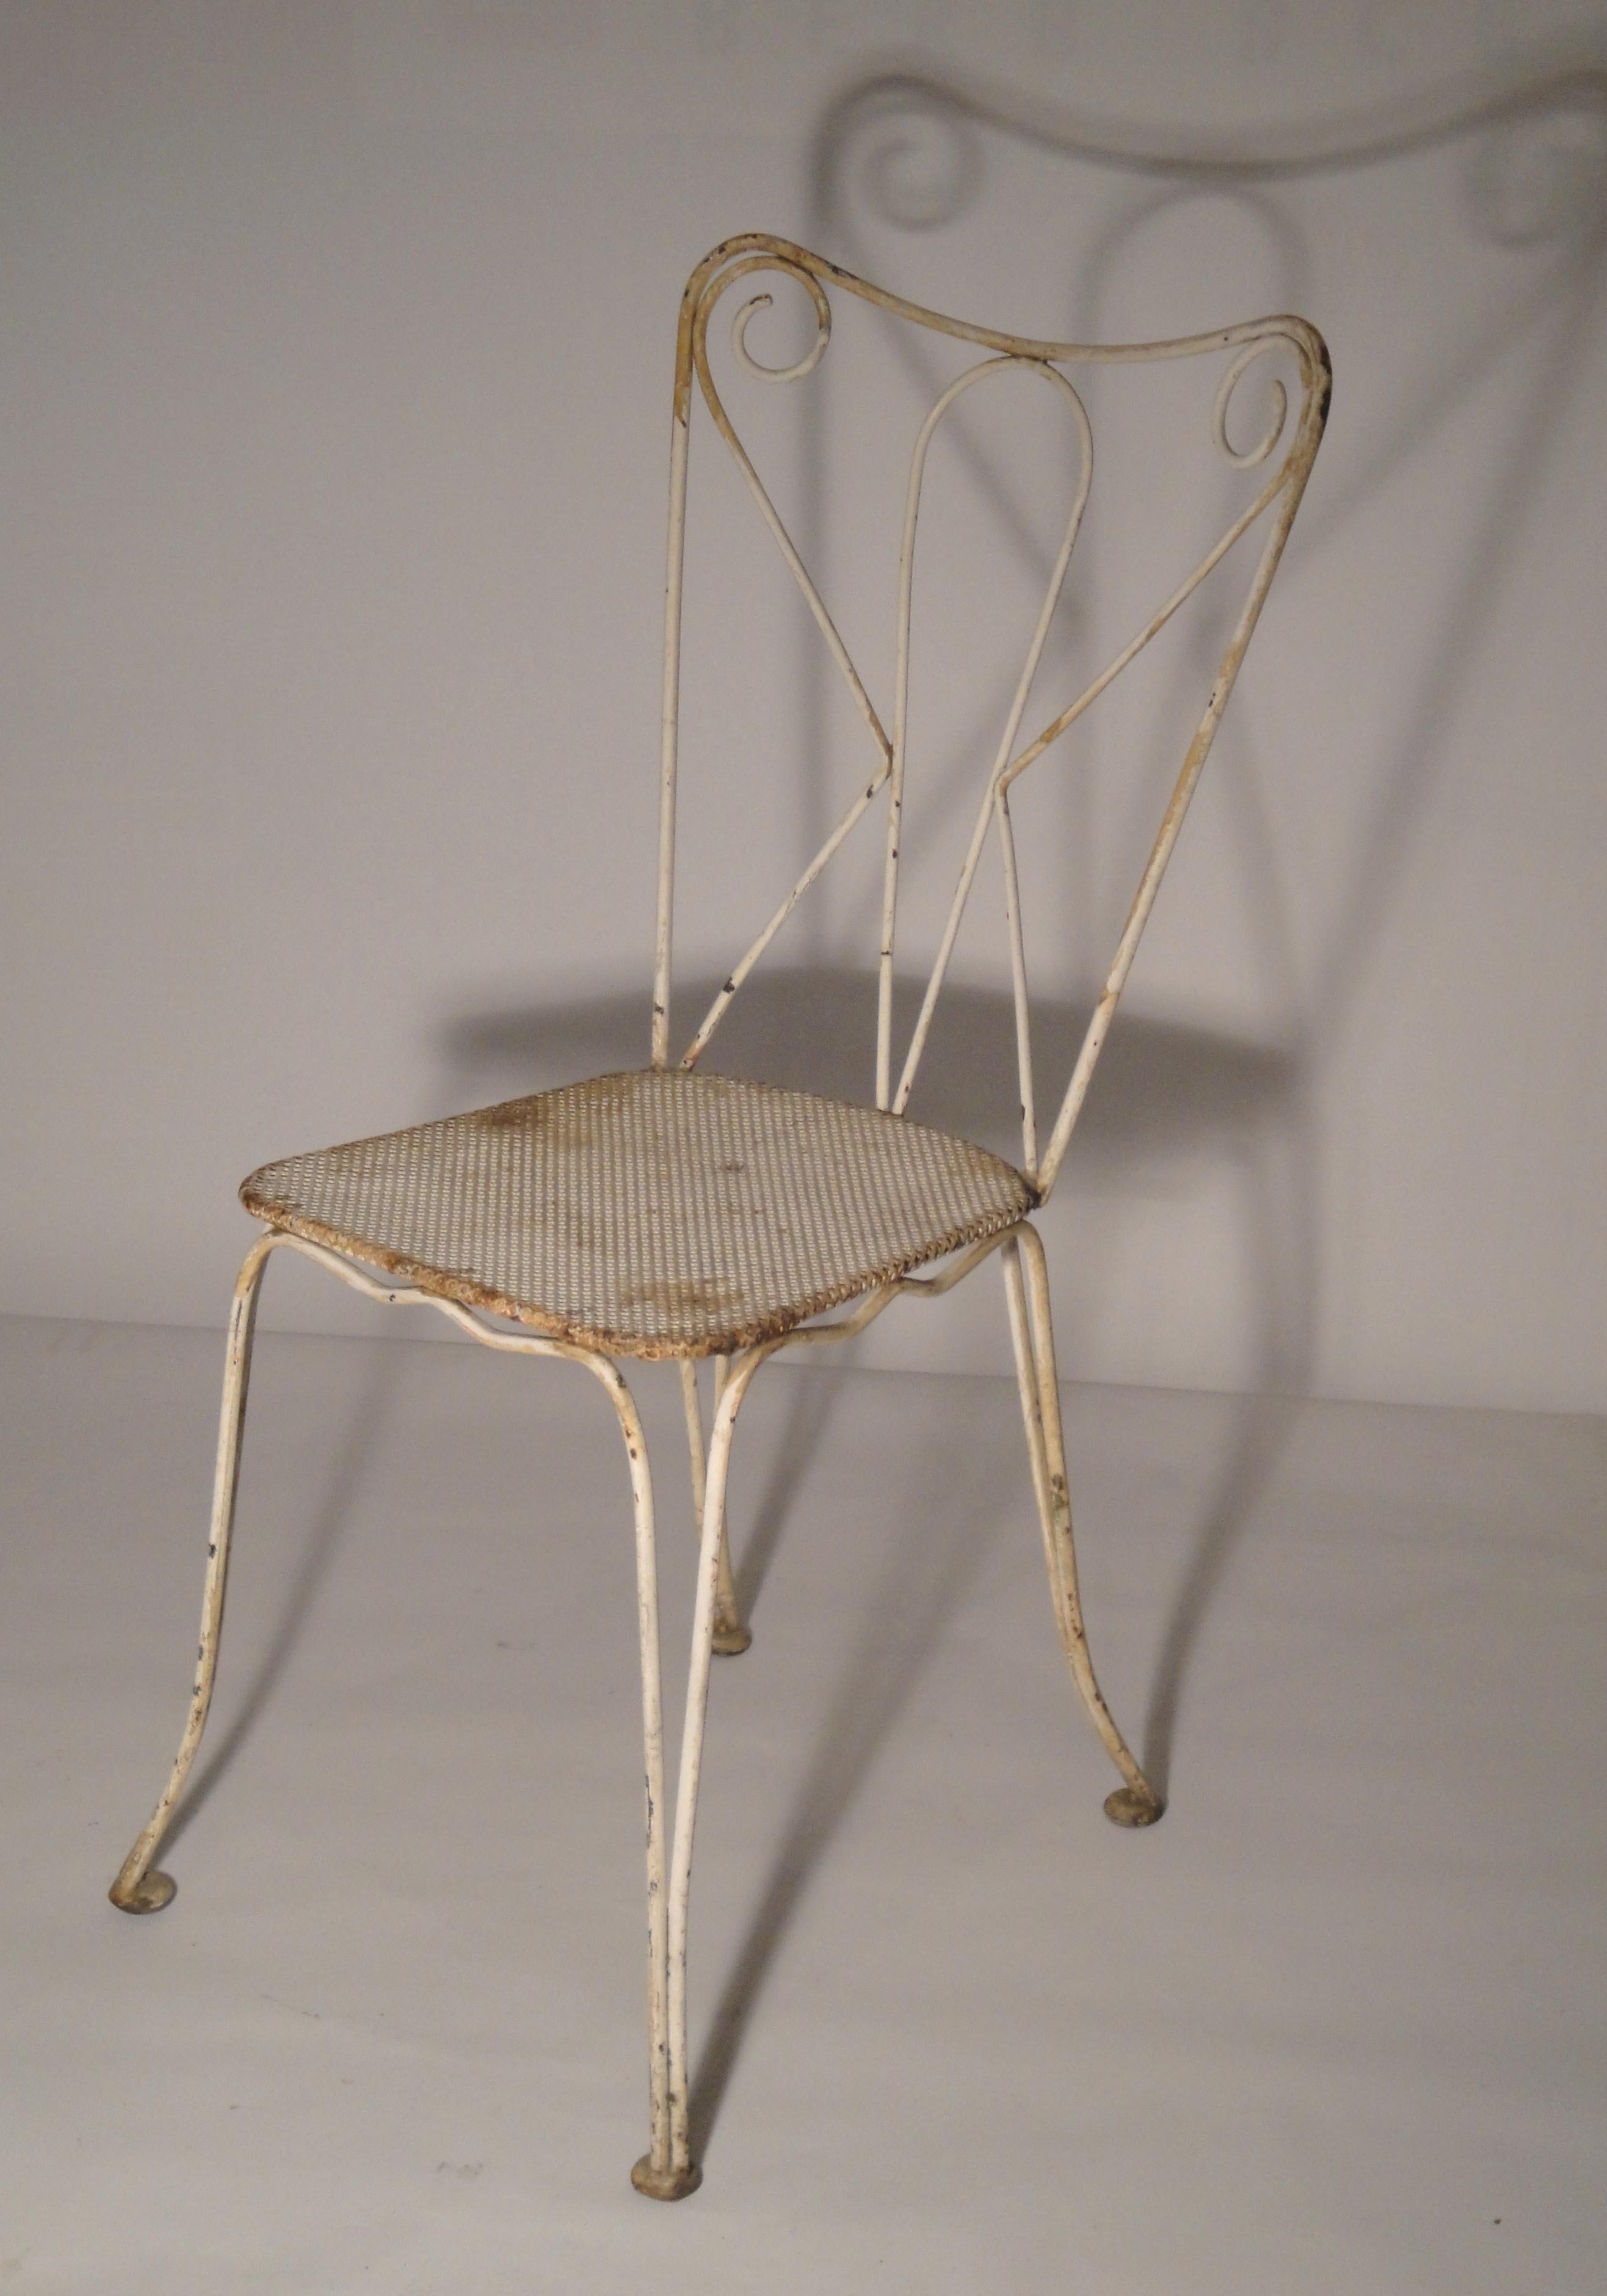 Mobilier de jardin ancien vendu - Chaises de style ancien ...